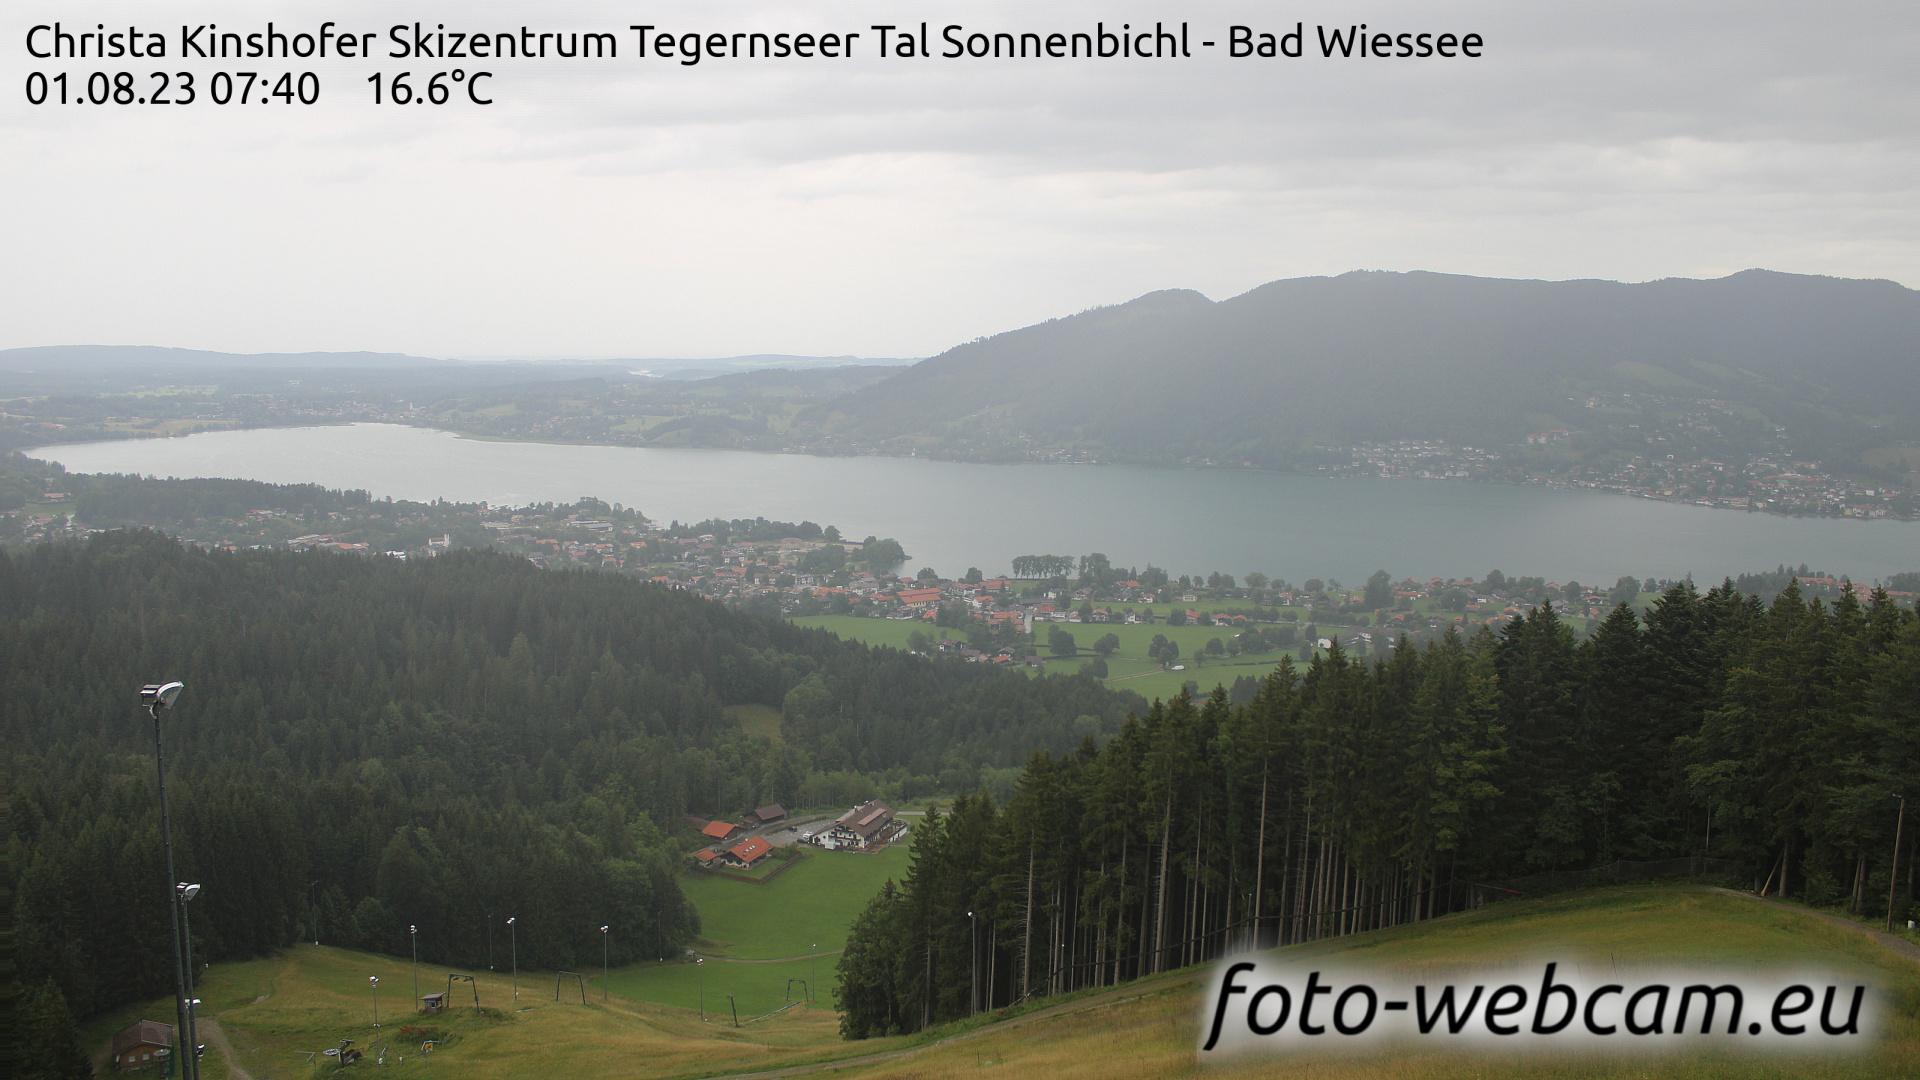 Bad Wiessee Wed. 07:48